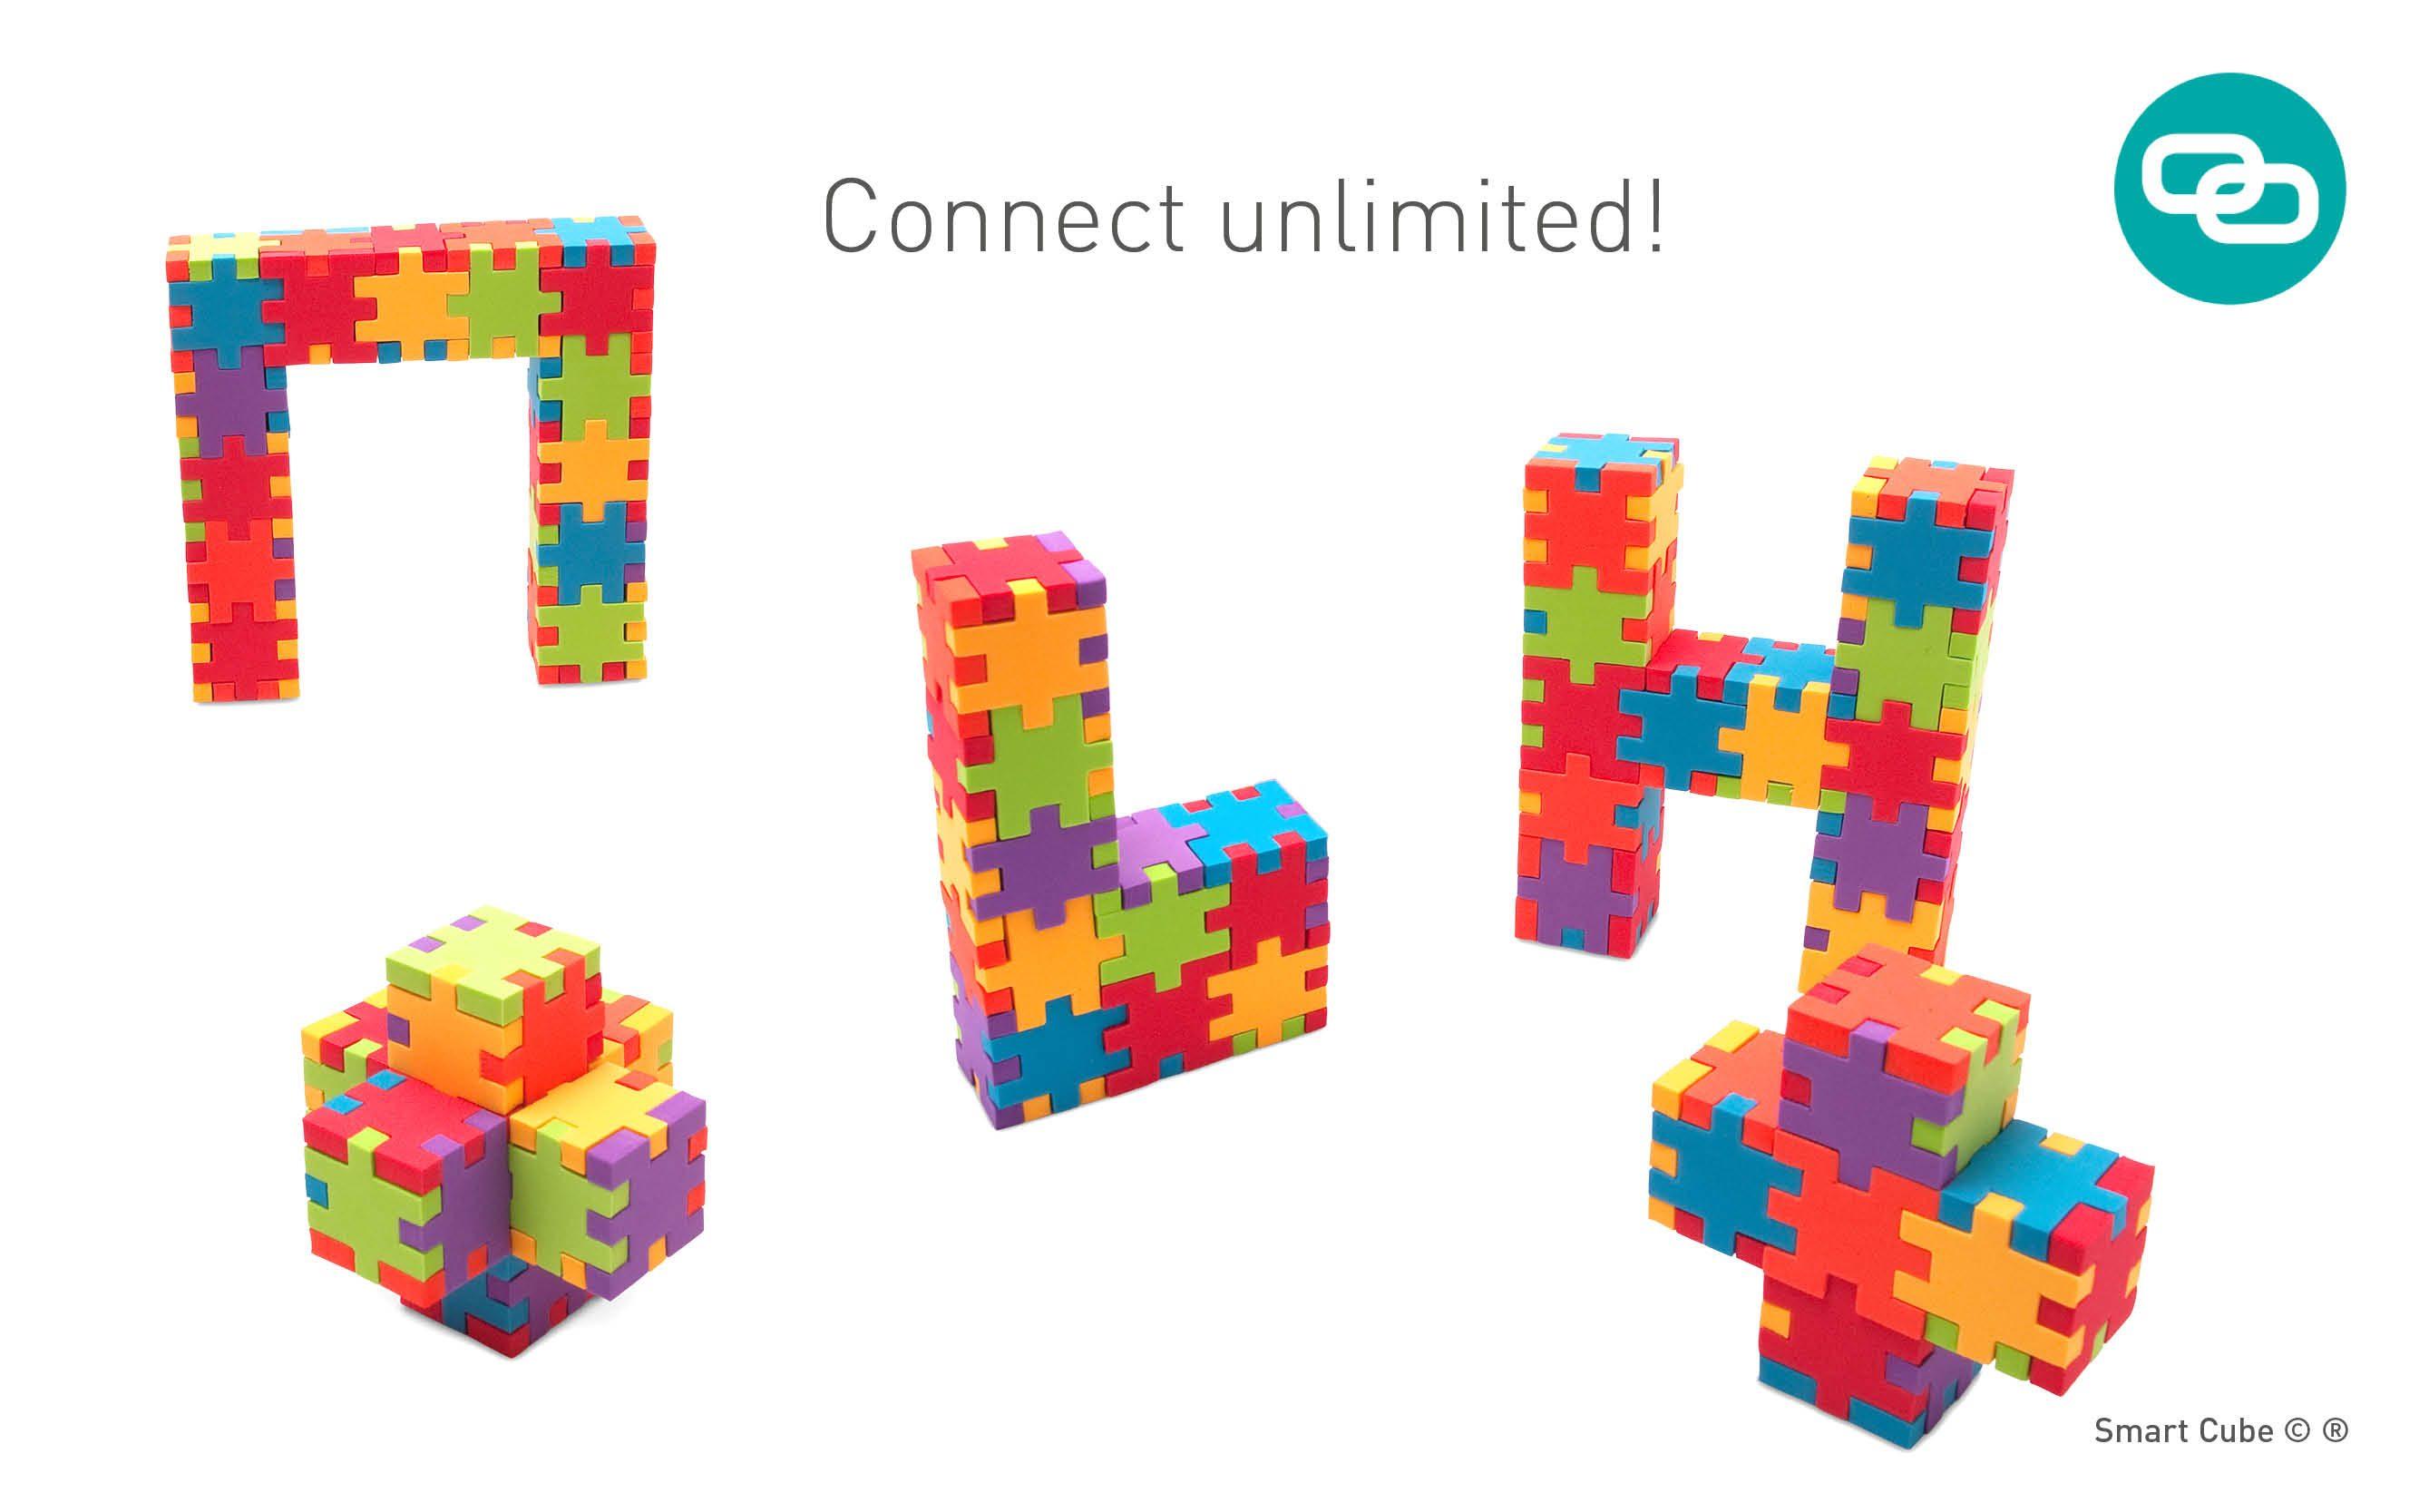 Smart_Cube_6-pac-connect-constructions-foam-cube-puzzles-3D-2D-preschool-toys-educational